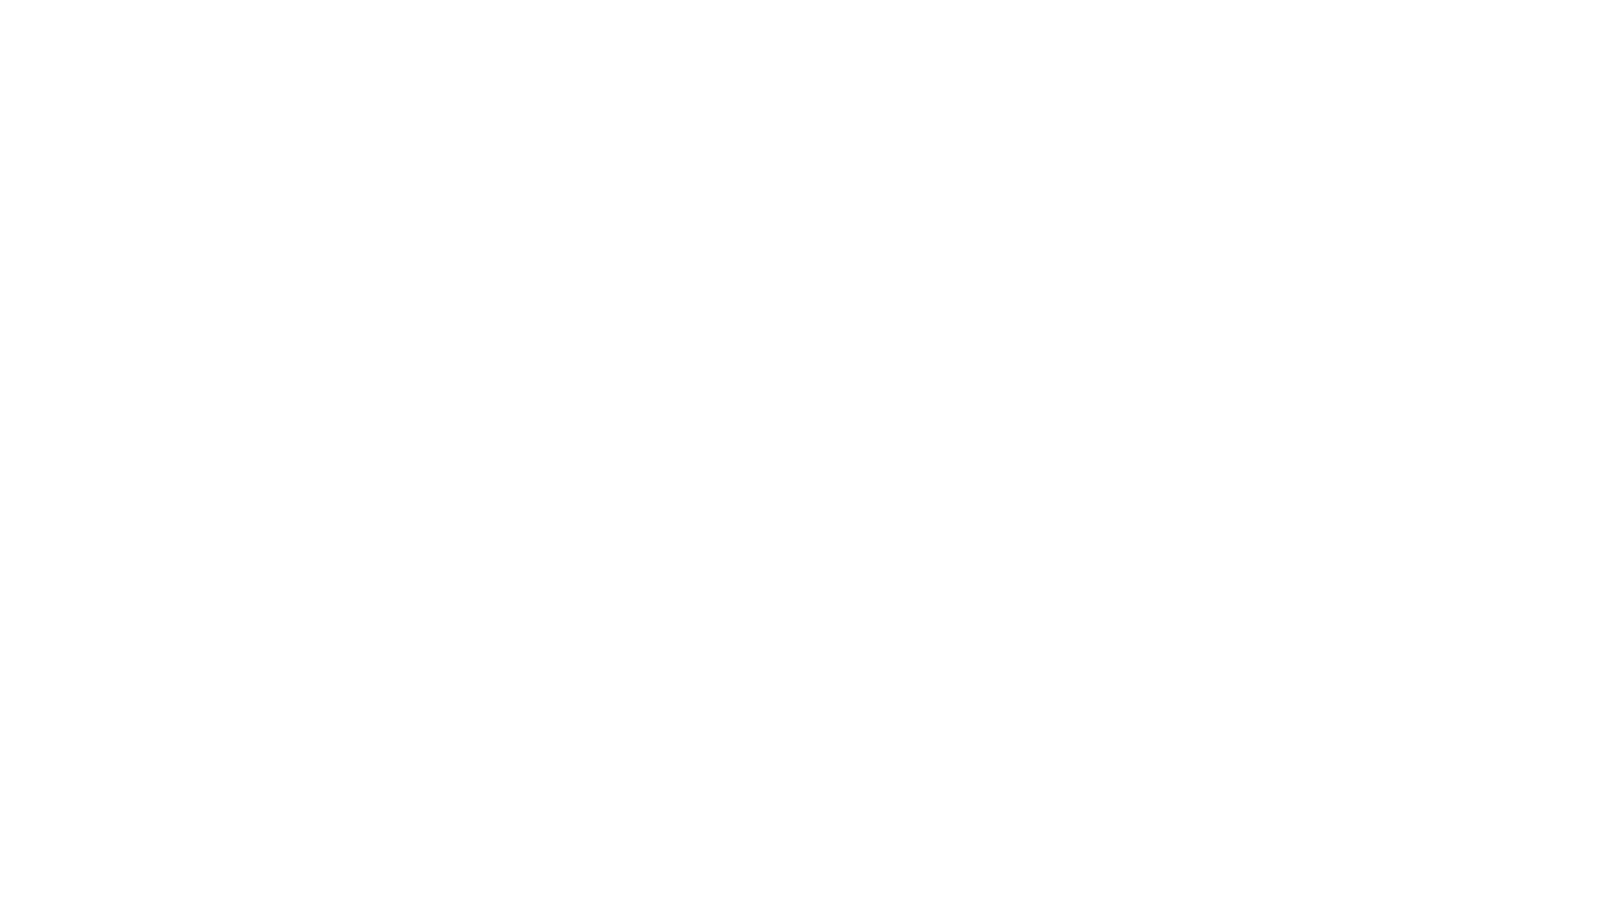 Links: 👊🙂    - Conheça nosso Curso Online SuperHumano360 de desenvolvimento de Paranormalidade https://superhumano360.com.br/desenvolvendo-habilidades-extrassensoriais/  - Se inscreva no canal do Telegram para troca de informações do Super Humano 360: https://t.me/joinchat/CnzEY0izb0F0XNyjhMyYcA  - Conheça nosso Instagram: https://www.instagram.com/superhumano360/  - Se inscreva no nosso canal YouTube: https://www.youtube.com/channel/UCkB_IL1zvVF6x63jgw6IP4A  - Se increva no canal do Telegram do Charles Ferreira (Aruara): https://t.me/charlesferreiradesouza  - Conheça o canal do Charles Ferreira no YouTube: https://www.youtube.com/channel/UCtfkzGpqiZg1gZpbmI57wQA  - Link da Assessoria com Charles Ferreira: https://linktr.ee/charlesferreirame  - Site de ótimas informações do ET Bilu:  www.etbilu.com.br  - Conheça Zigurats: www.cidadedezigurats.com.br  - Seja um associado de Dakila Pesquisas: https://dakila.com.br/noticias/como-se-tornar-um-associado-de-dakila-pesquisas.html